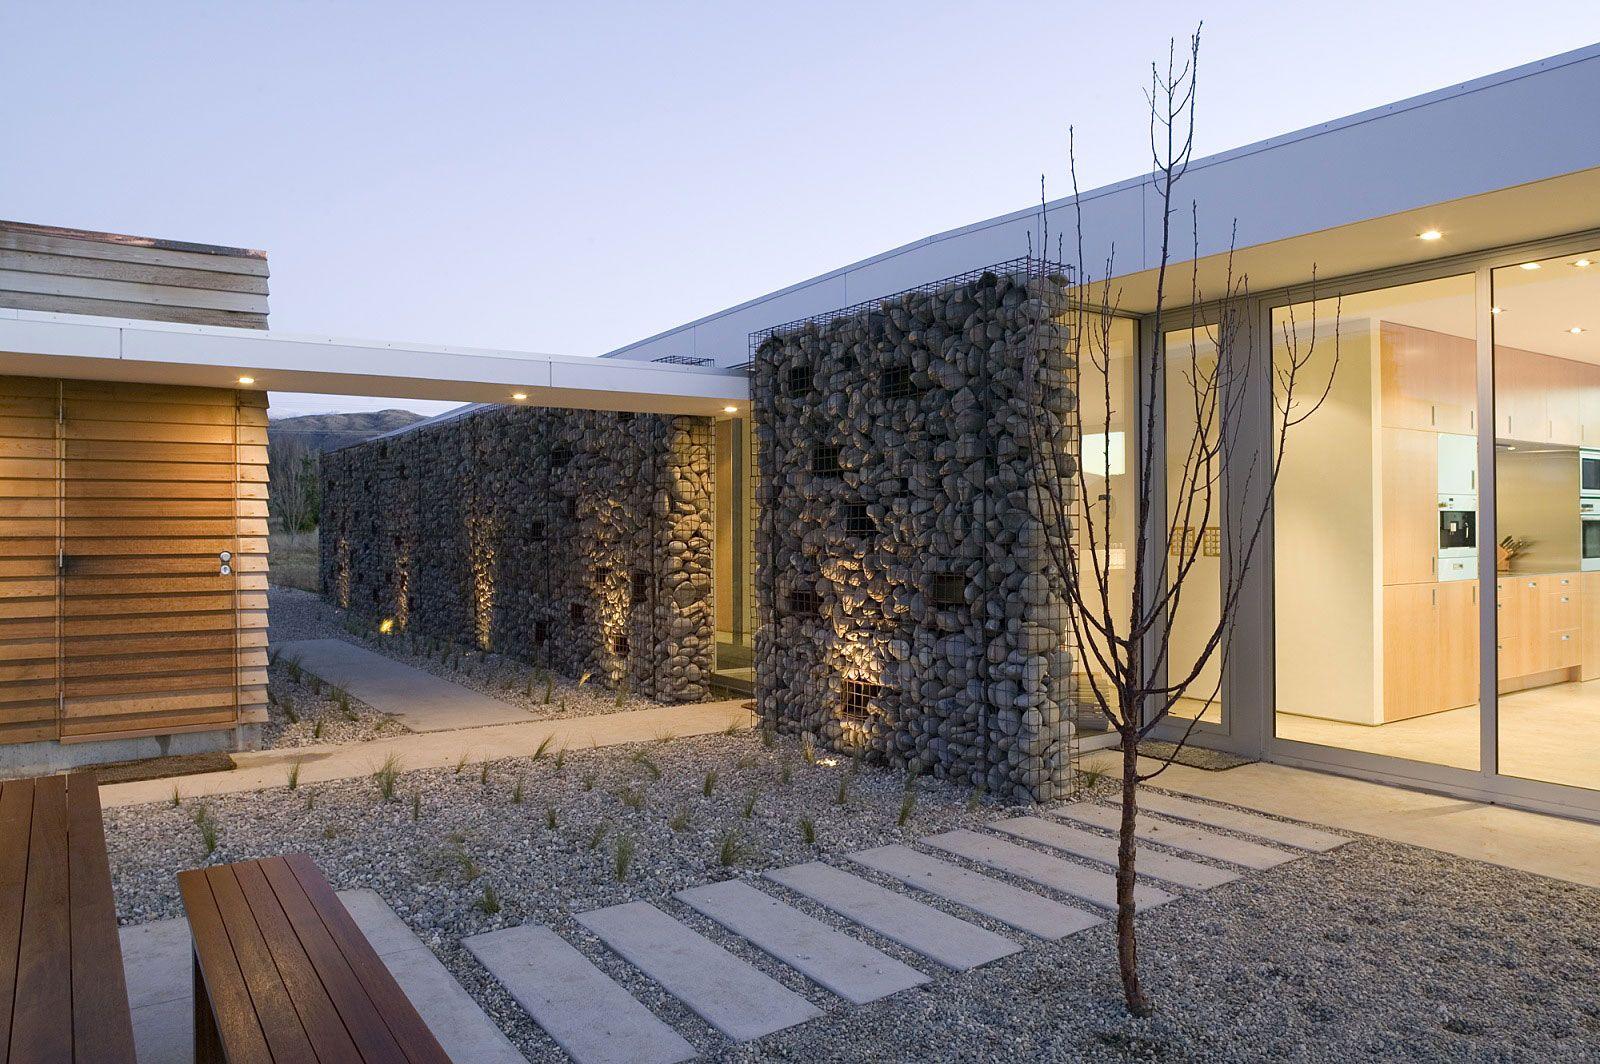 haus graue fenster   Dach   Pinterest   Fenster, Moderne häuser und Grau